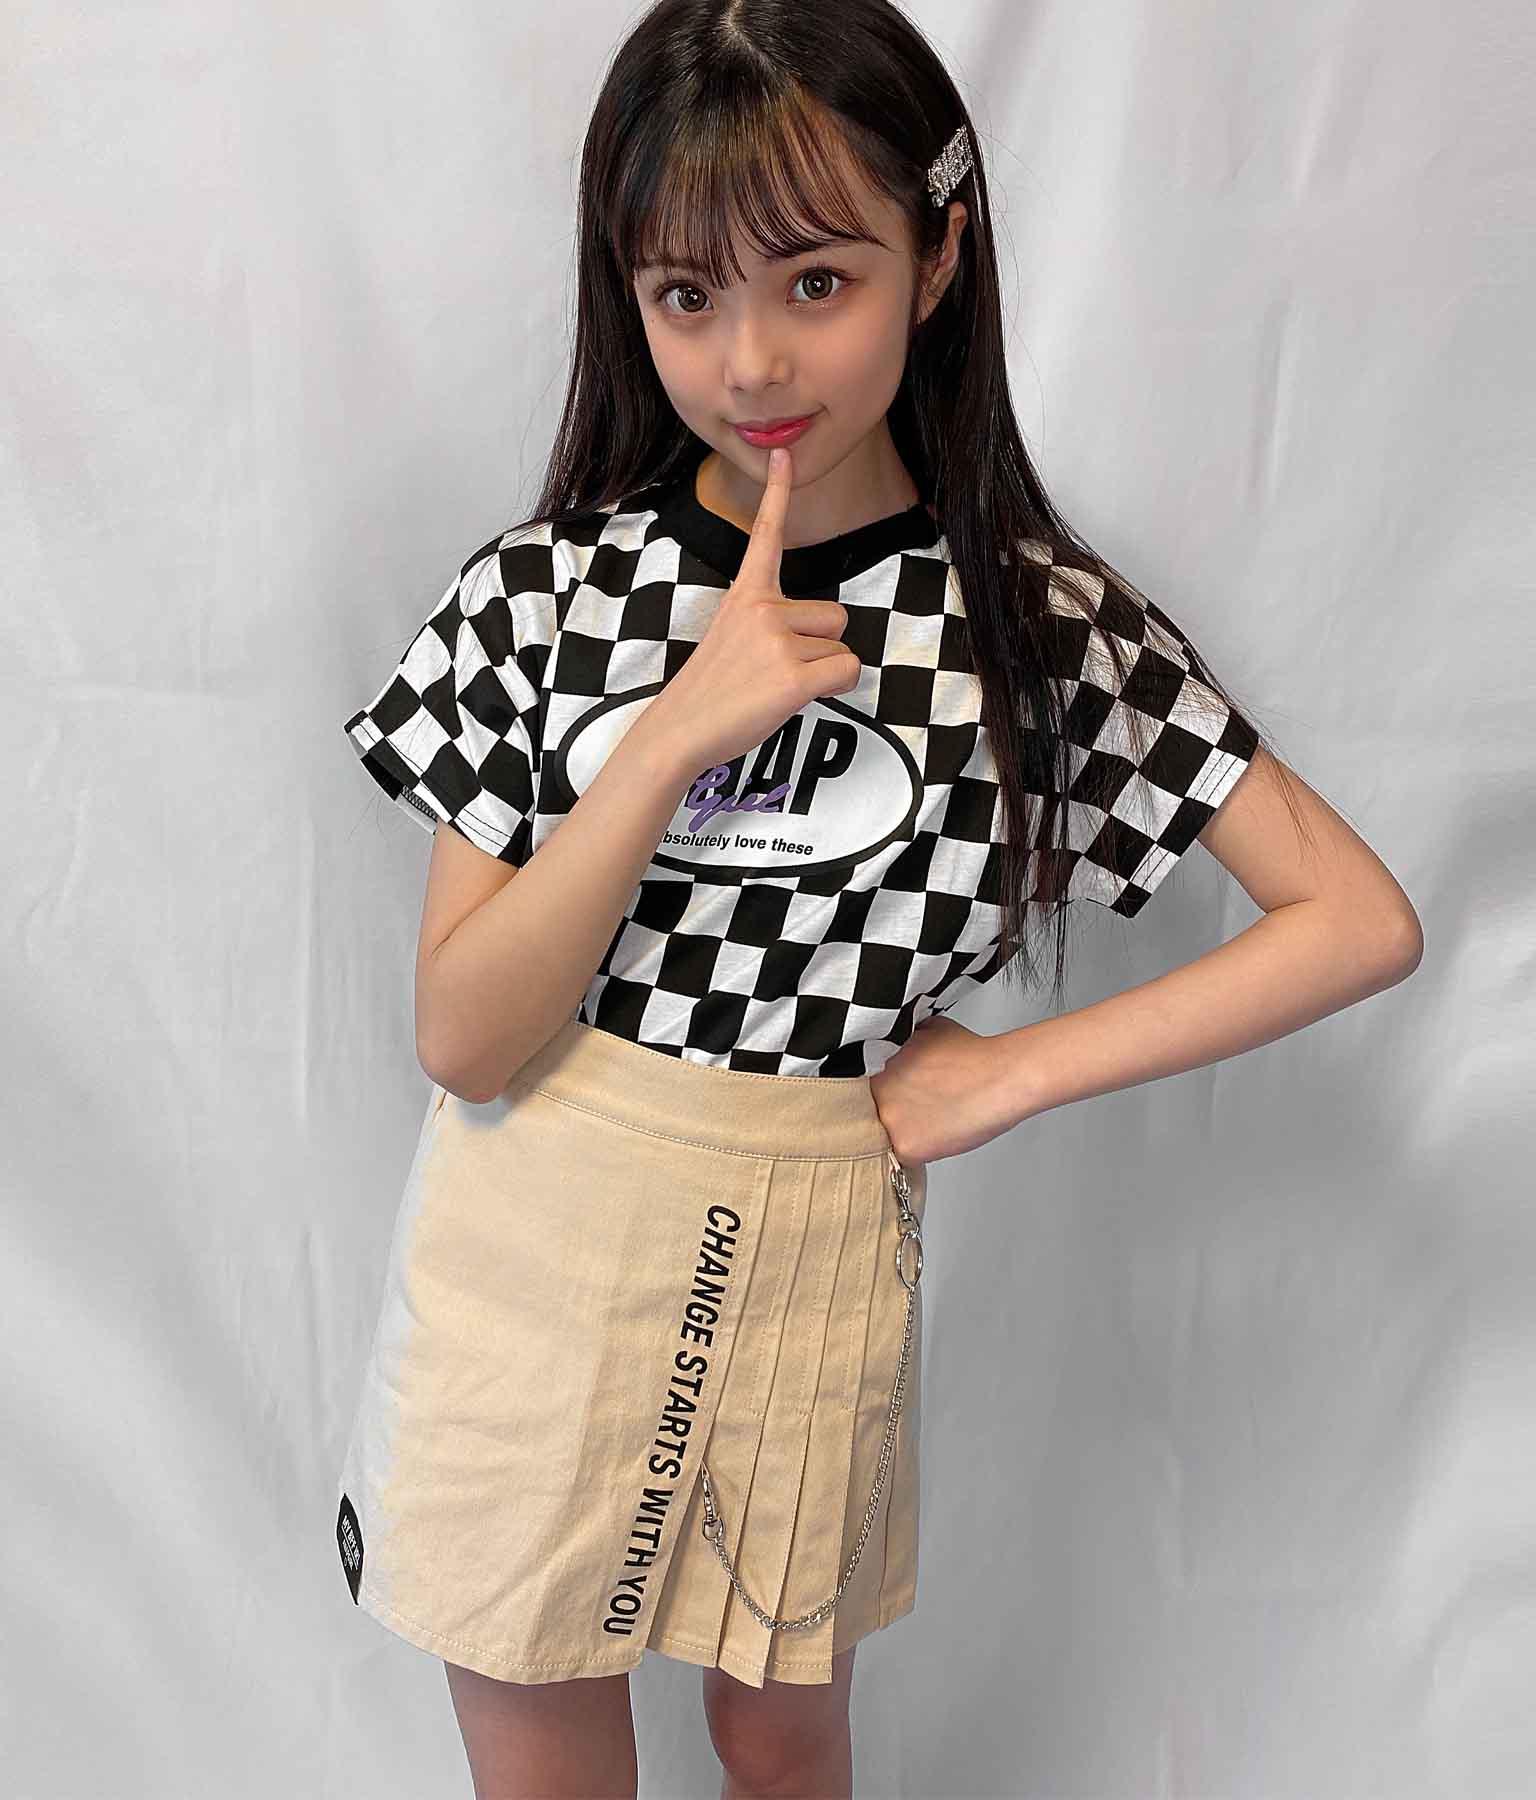 ハーフプリーツチェーン付スカート(ボトムス・パンツ /スカート) | ANAP GiRL